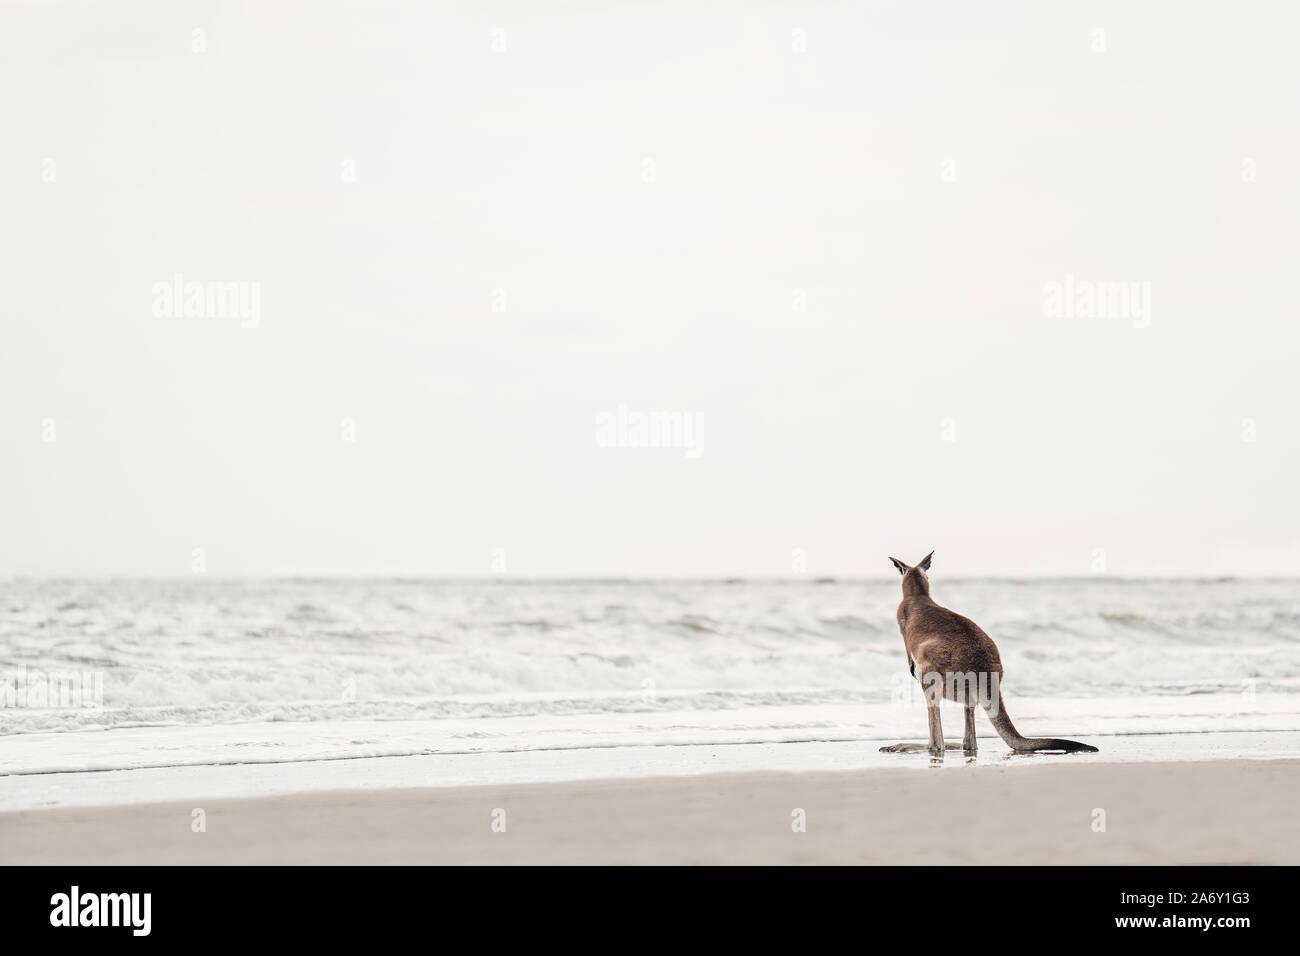 Relojes canguro el océano en la playa. Foto de stock